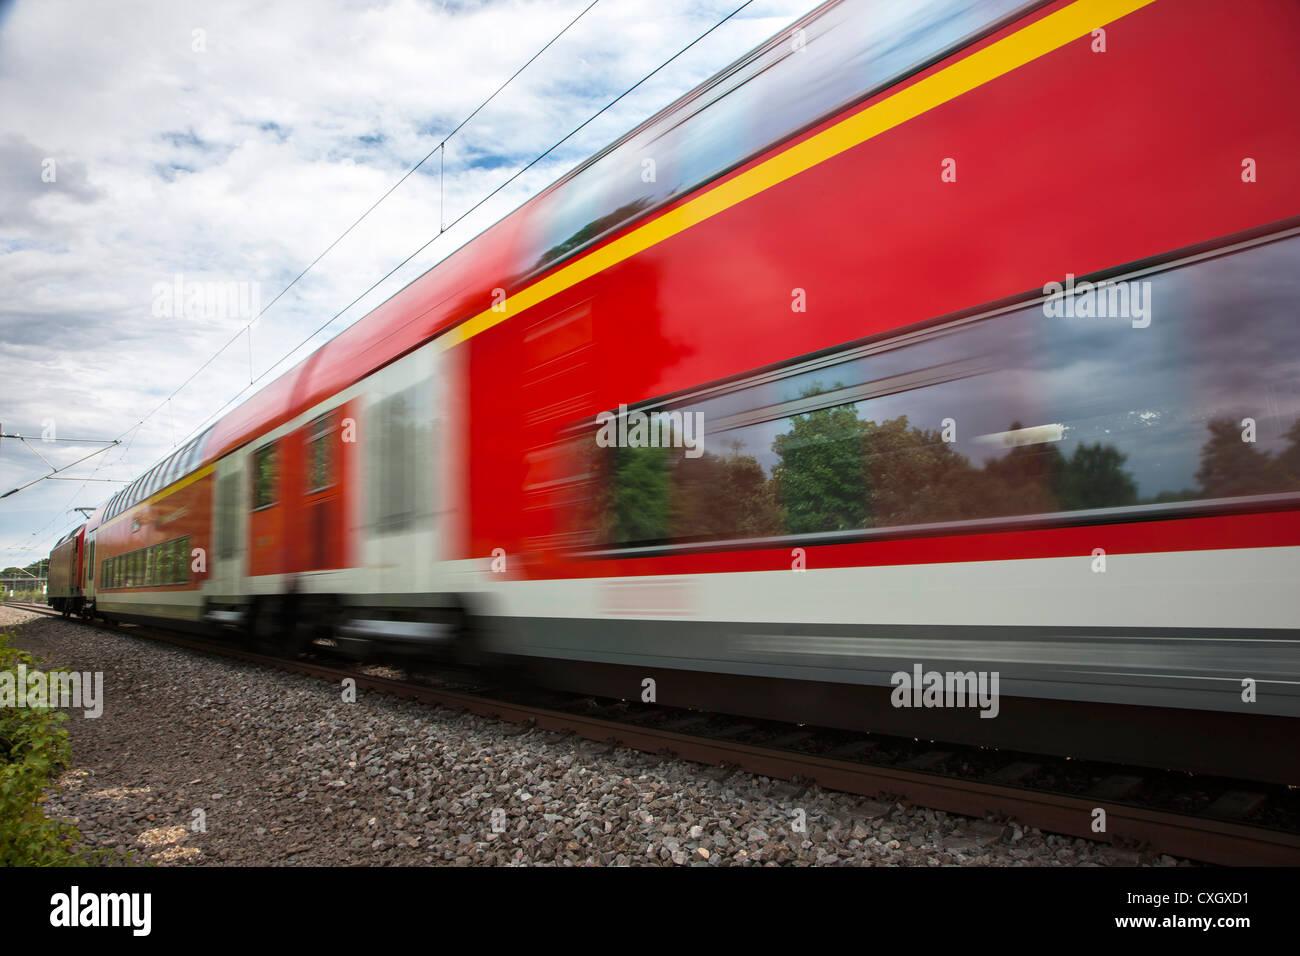 Regionalzug, Doppelböden, auf Schienen, Deutschland Stockbild